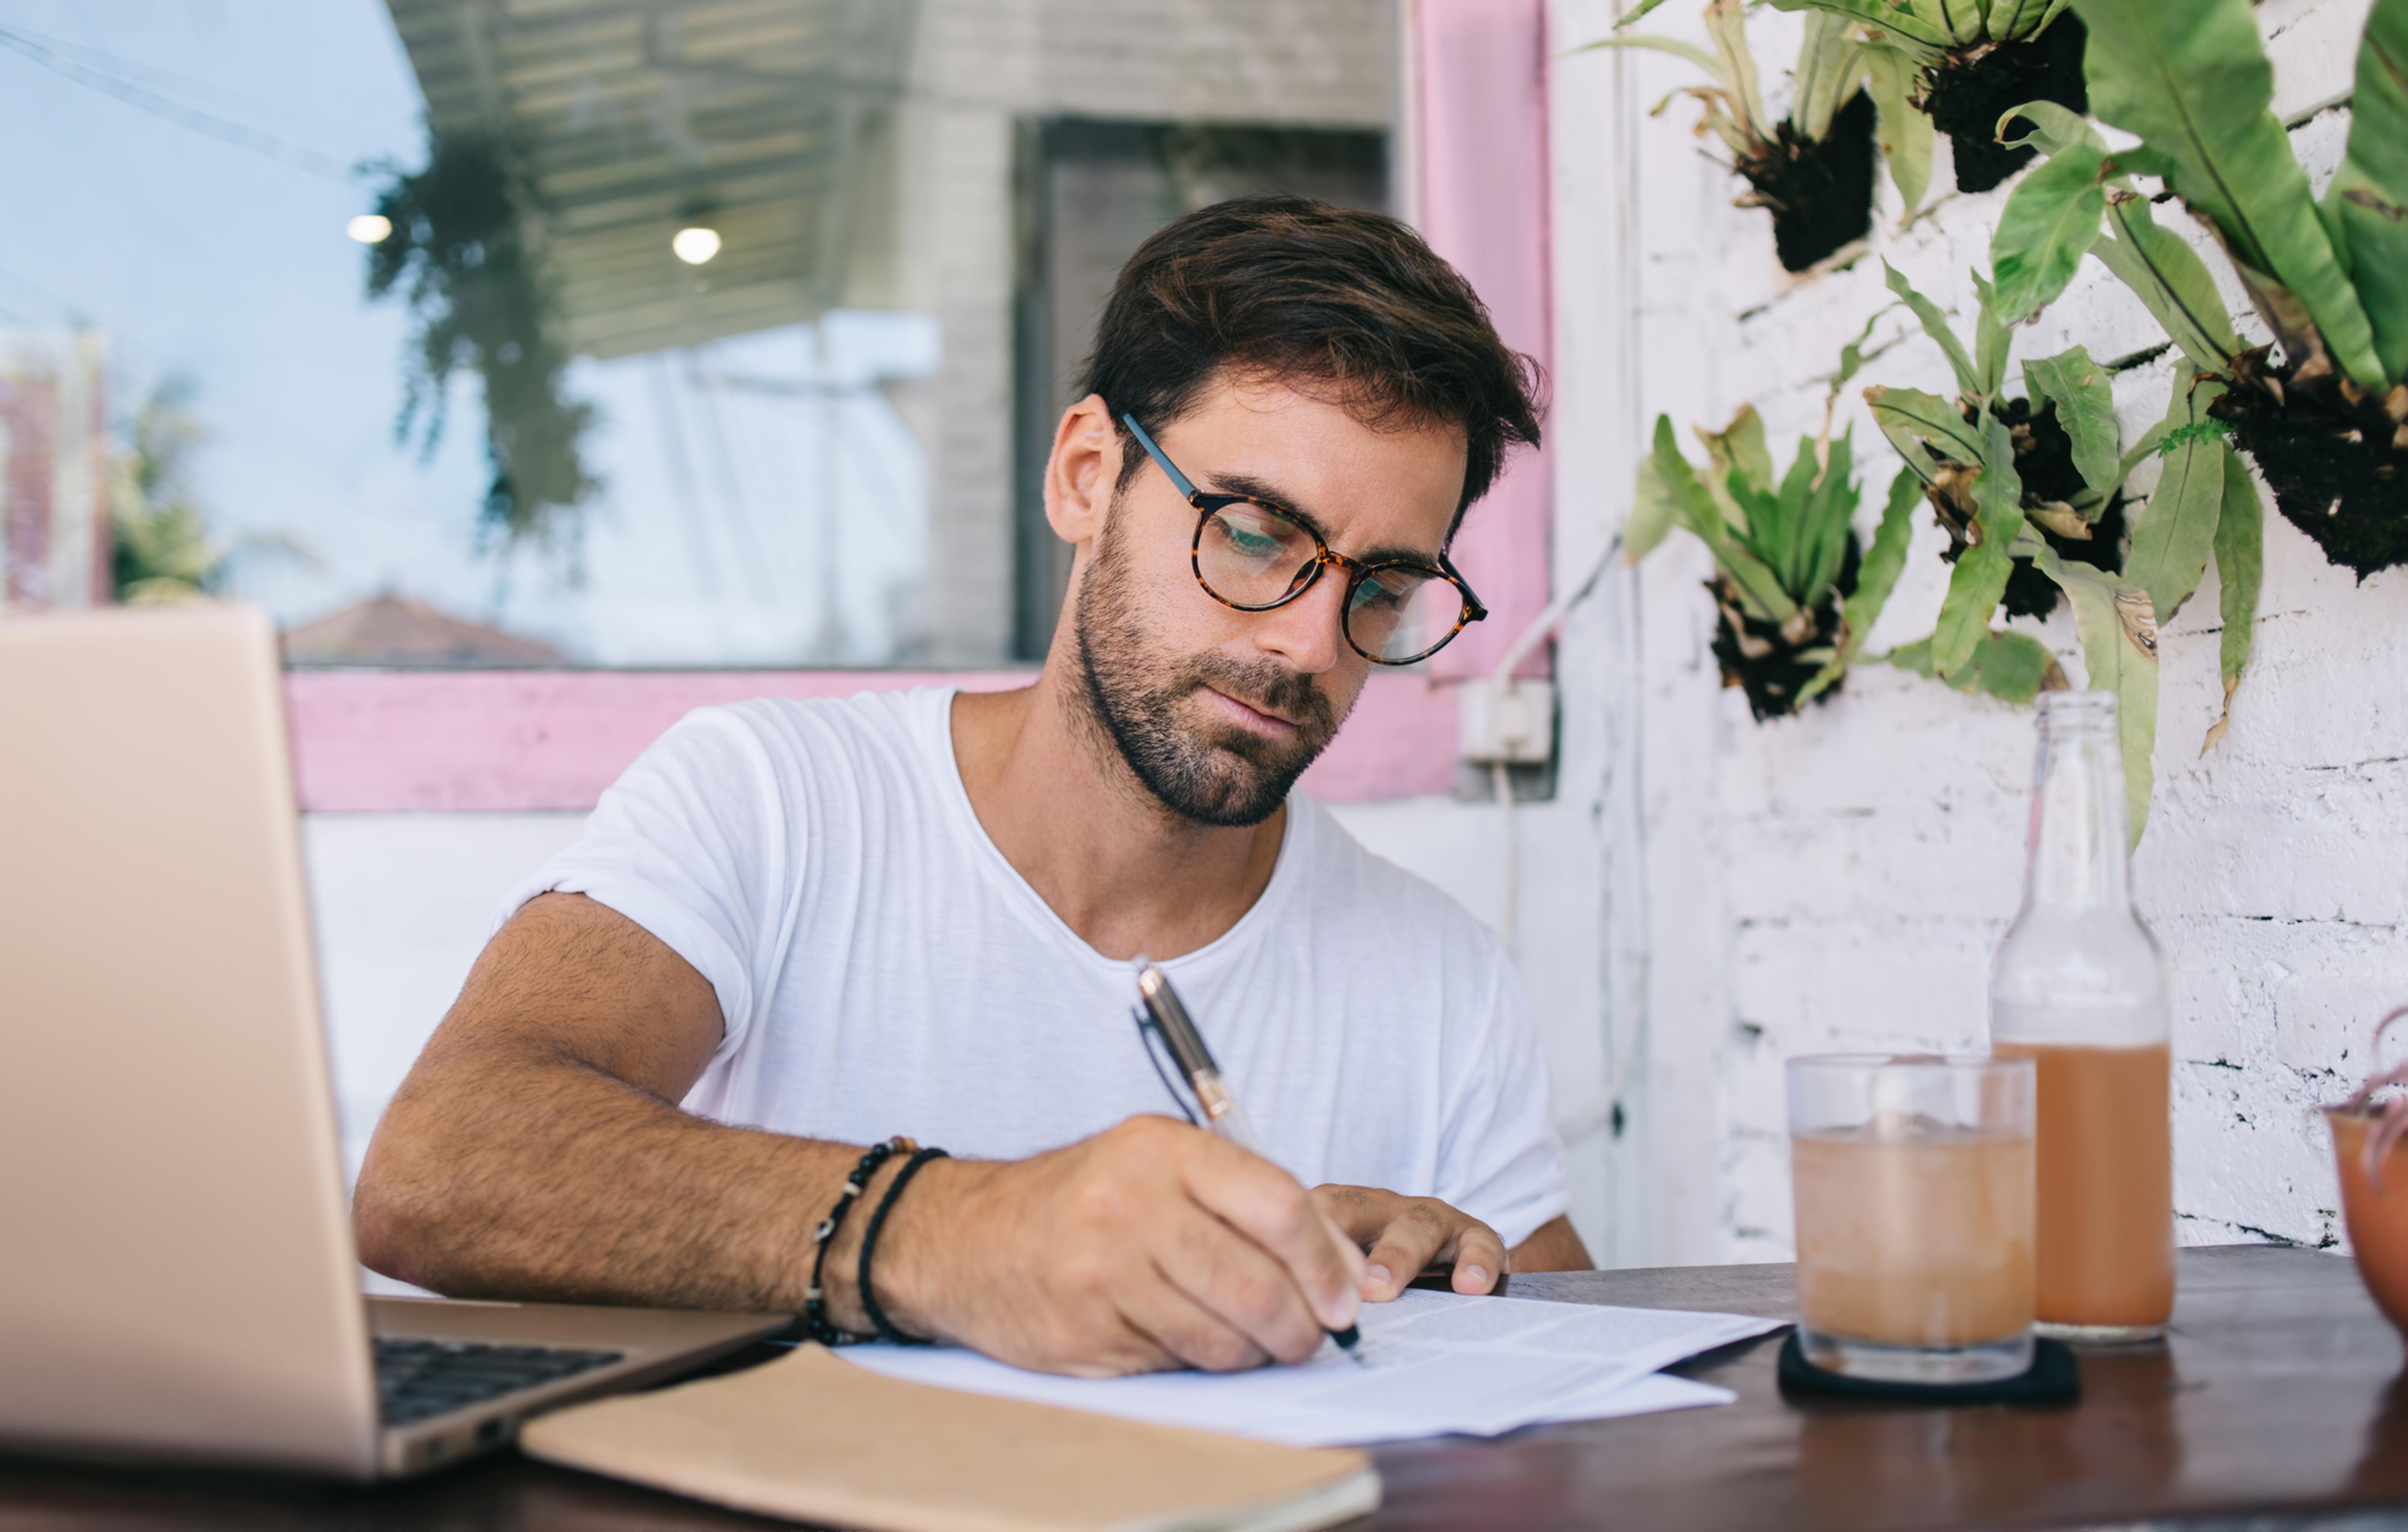 סדנת כתיבת קורות חיים